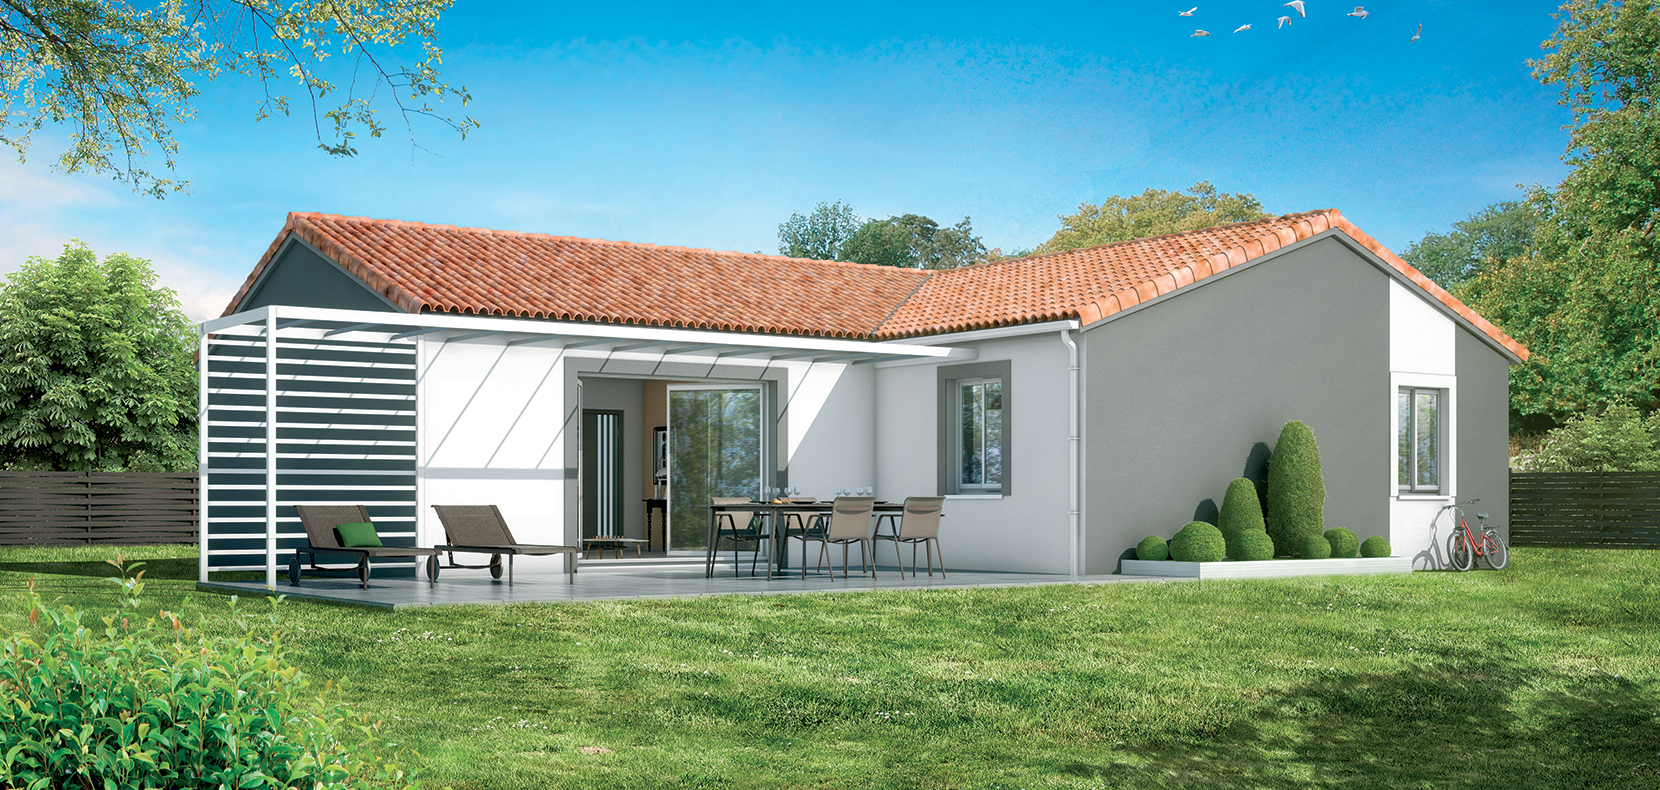 Mod le maison 2020 maisons sanem constructeur de for Constructeur de maison 81